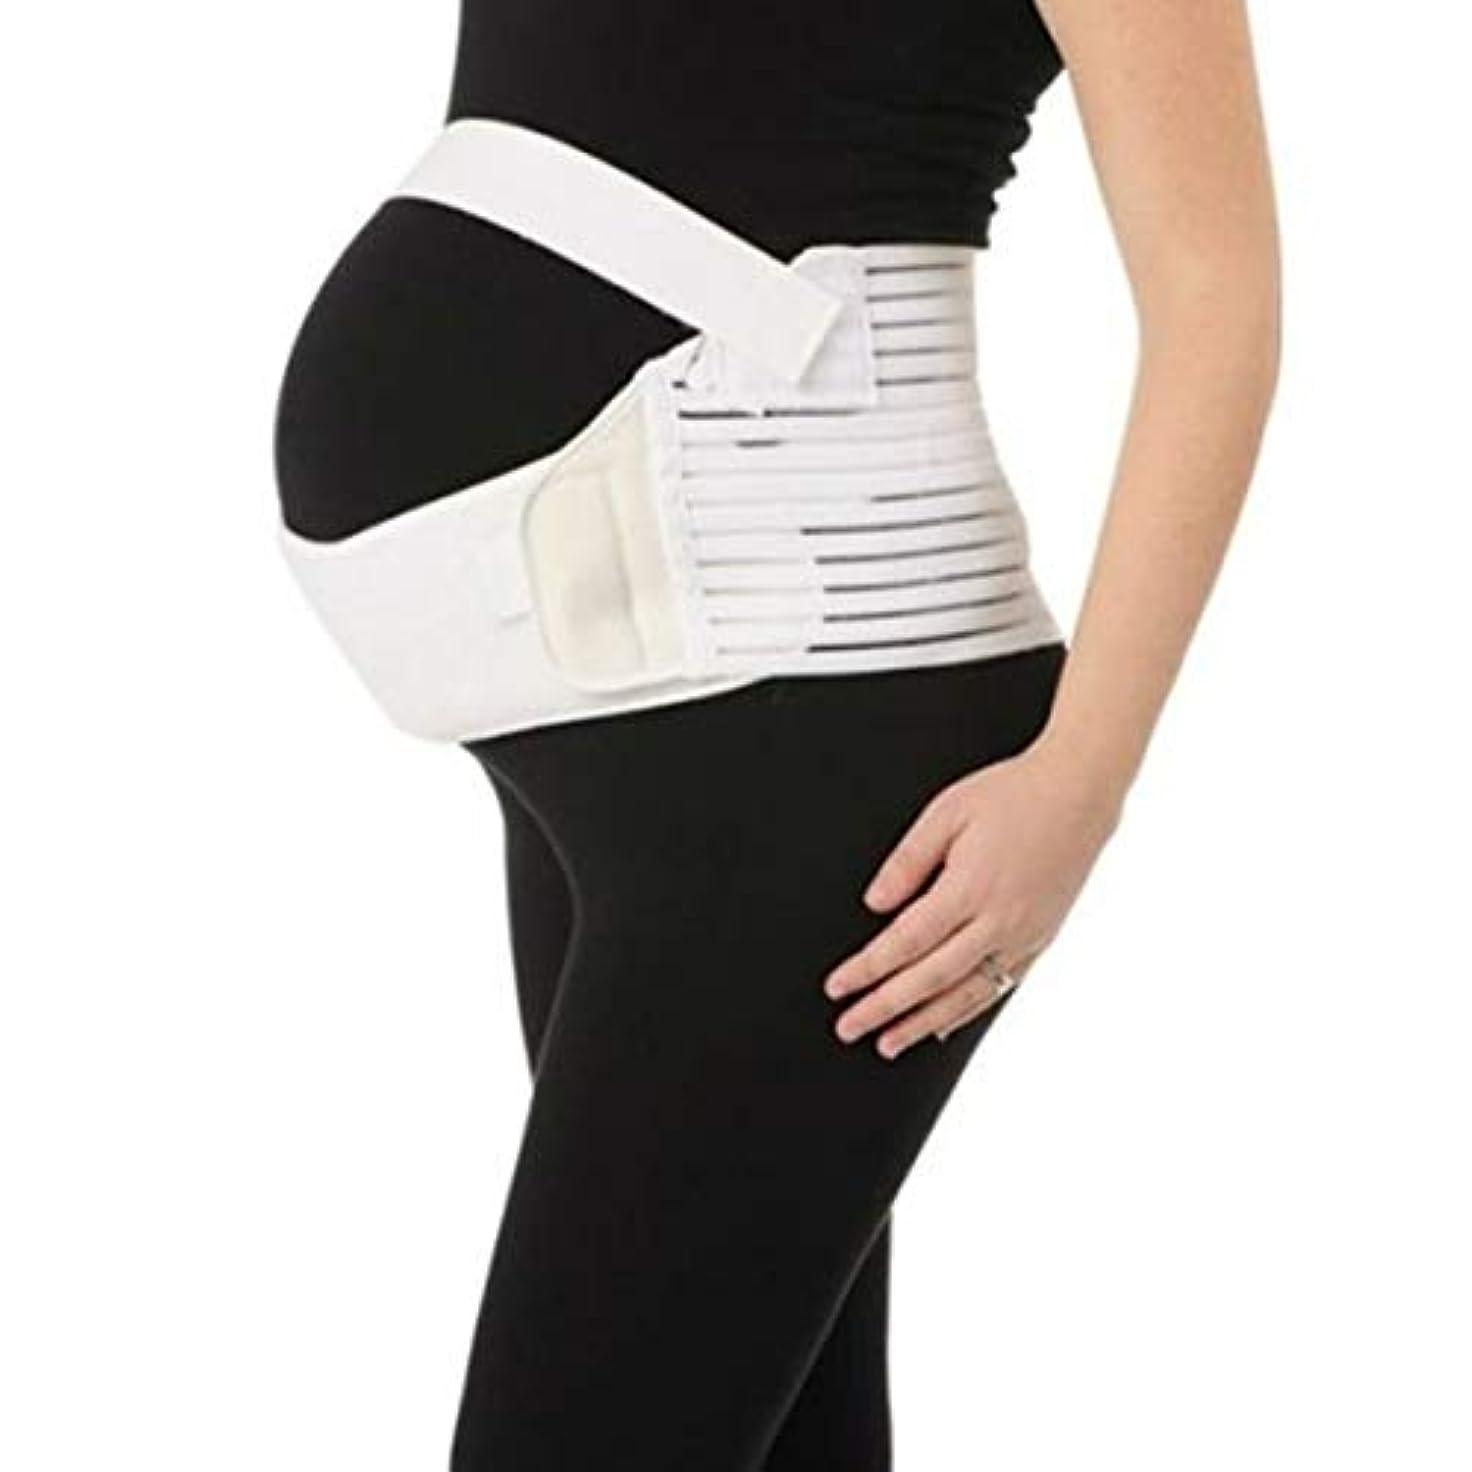 オーストラリア実り多いリングレット通気性産科ベルト妊娠腹部サポート腹部バインダーガードル運動包帯産後の回復形状ウェア - ホワイトM